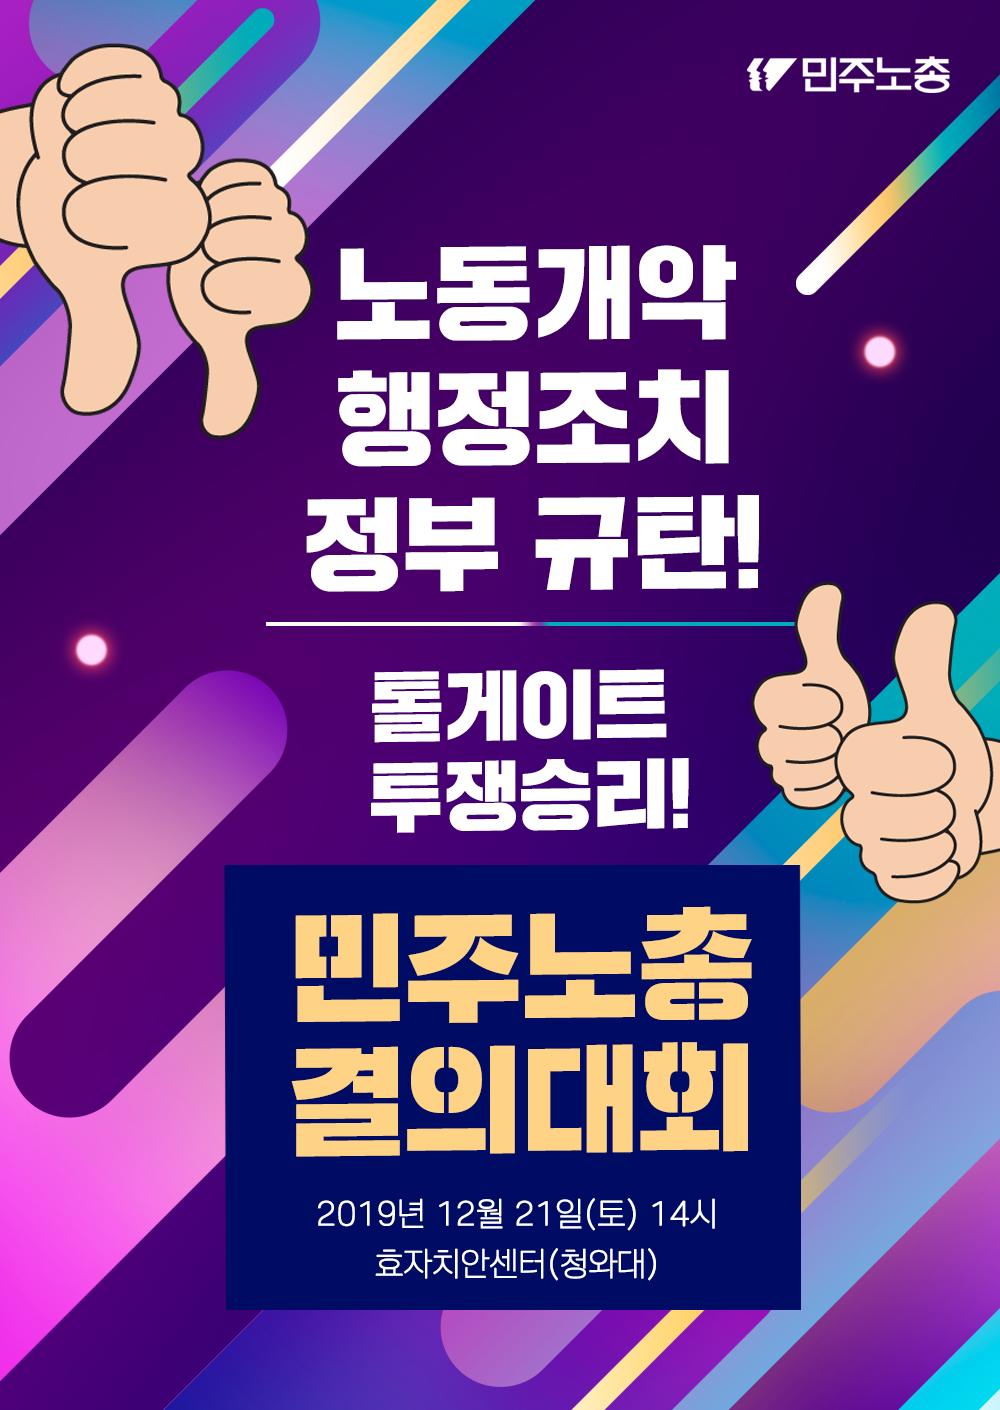 결의대회 웹자보-1.png